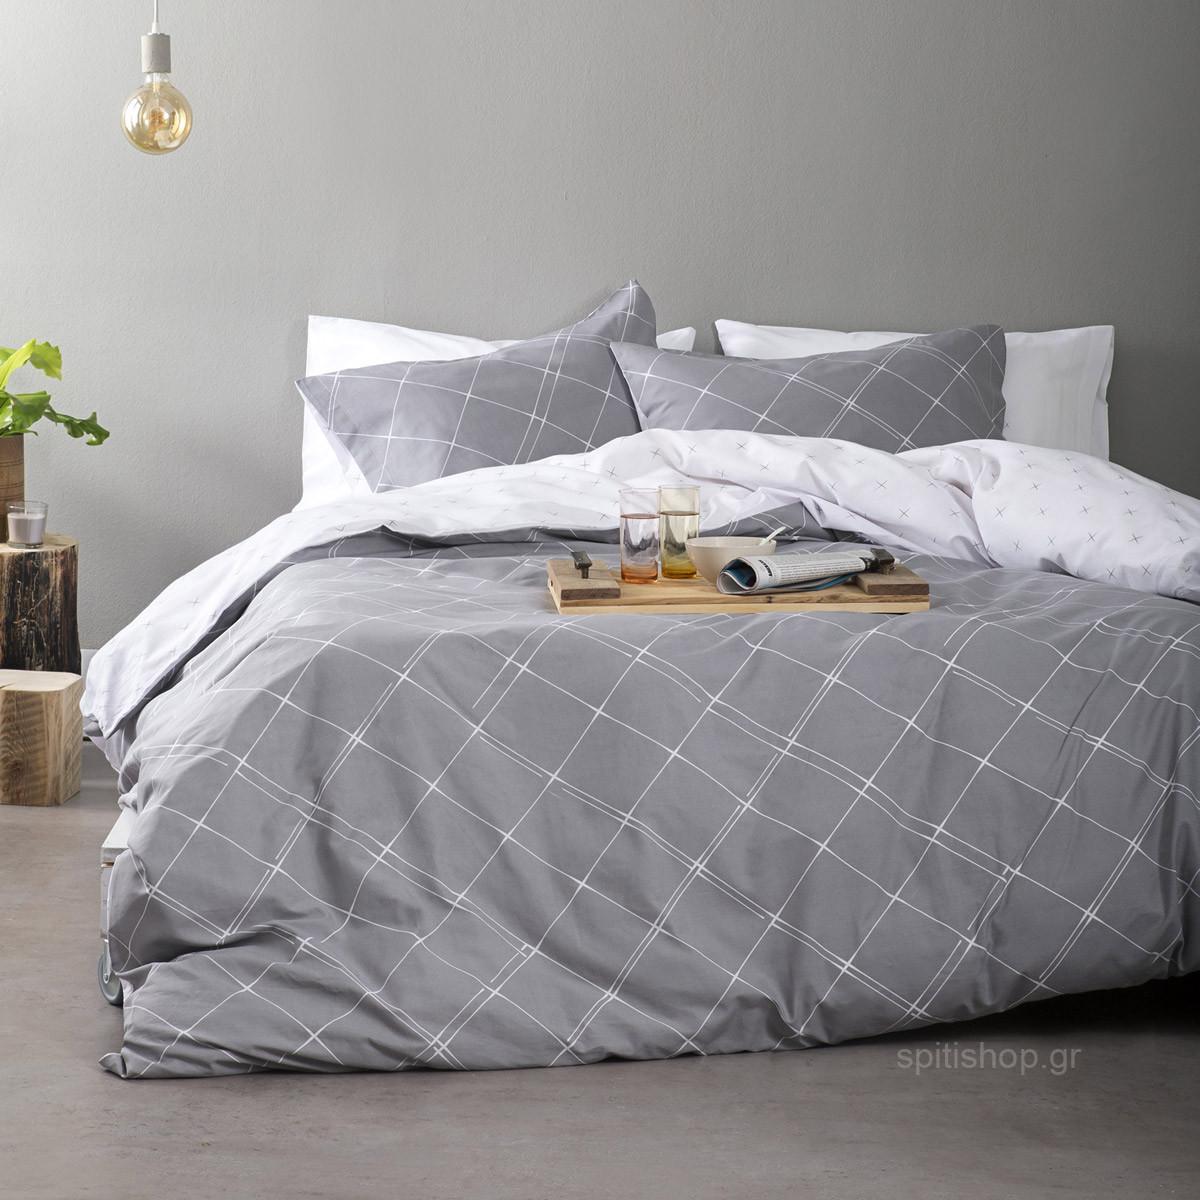 Σεντόνια Υπέρδιπλα (Σετ) Nima Bed Linen Azzora Grey ΜΕ ΛΑΣΤΙΧΟ ΜΕ ΛΑΣΤΙΧΟ